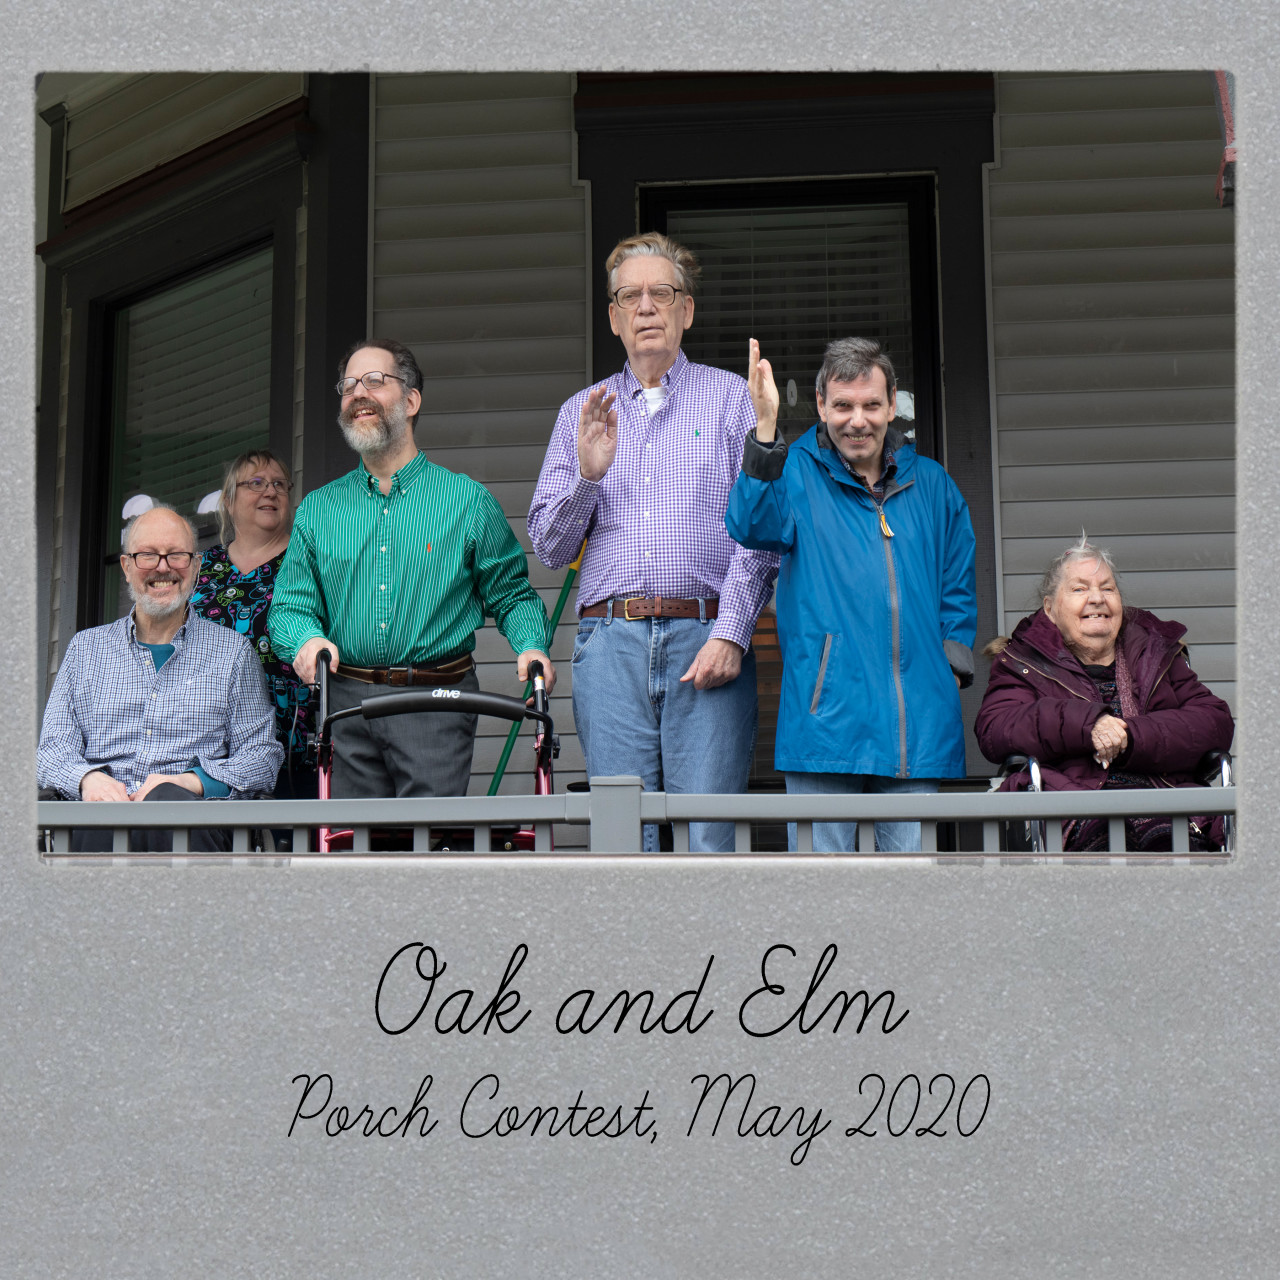 OakandElmPorch - Oak and Elm- Fun Art Friday